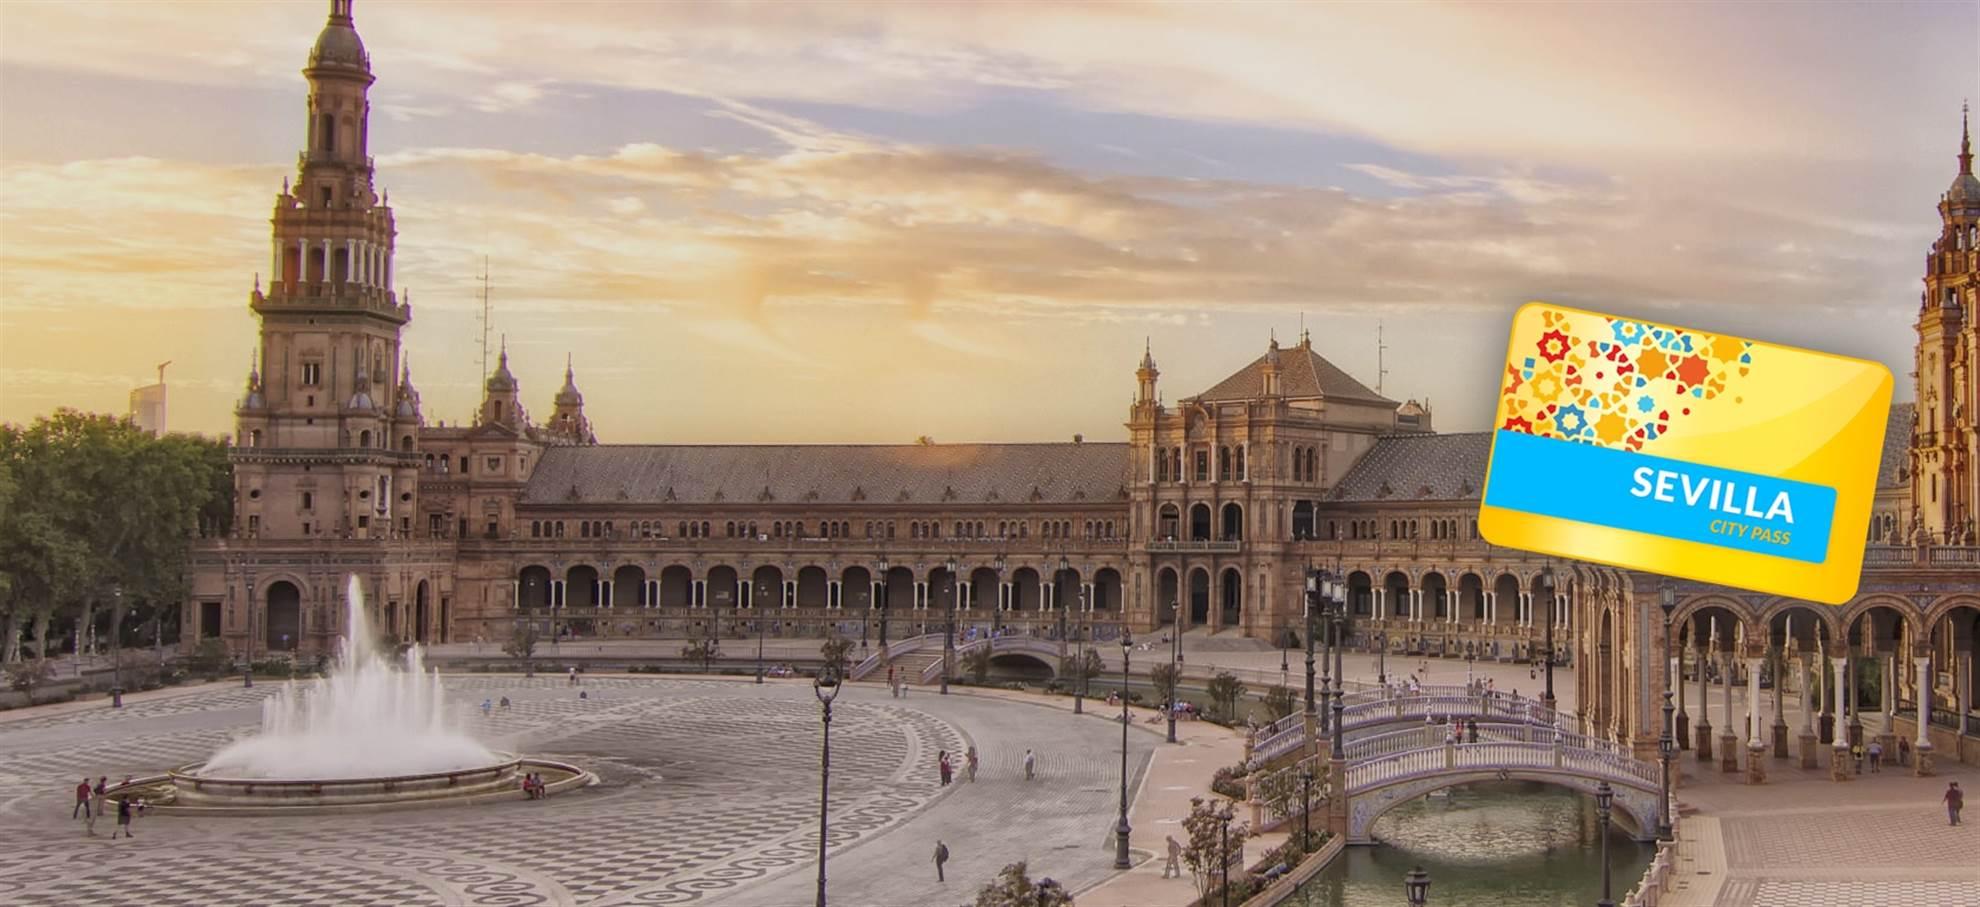 Sevilla City Pass (Alcazar, Kathedrale von Sevilla, öffentliche Verkehrsmittel optional)